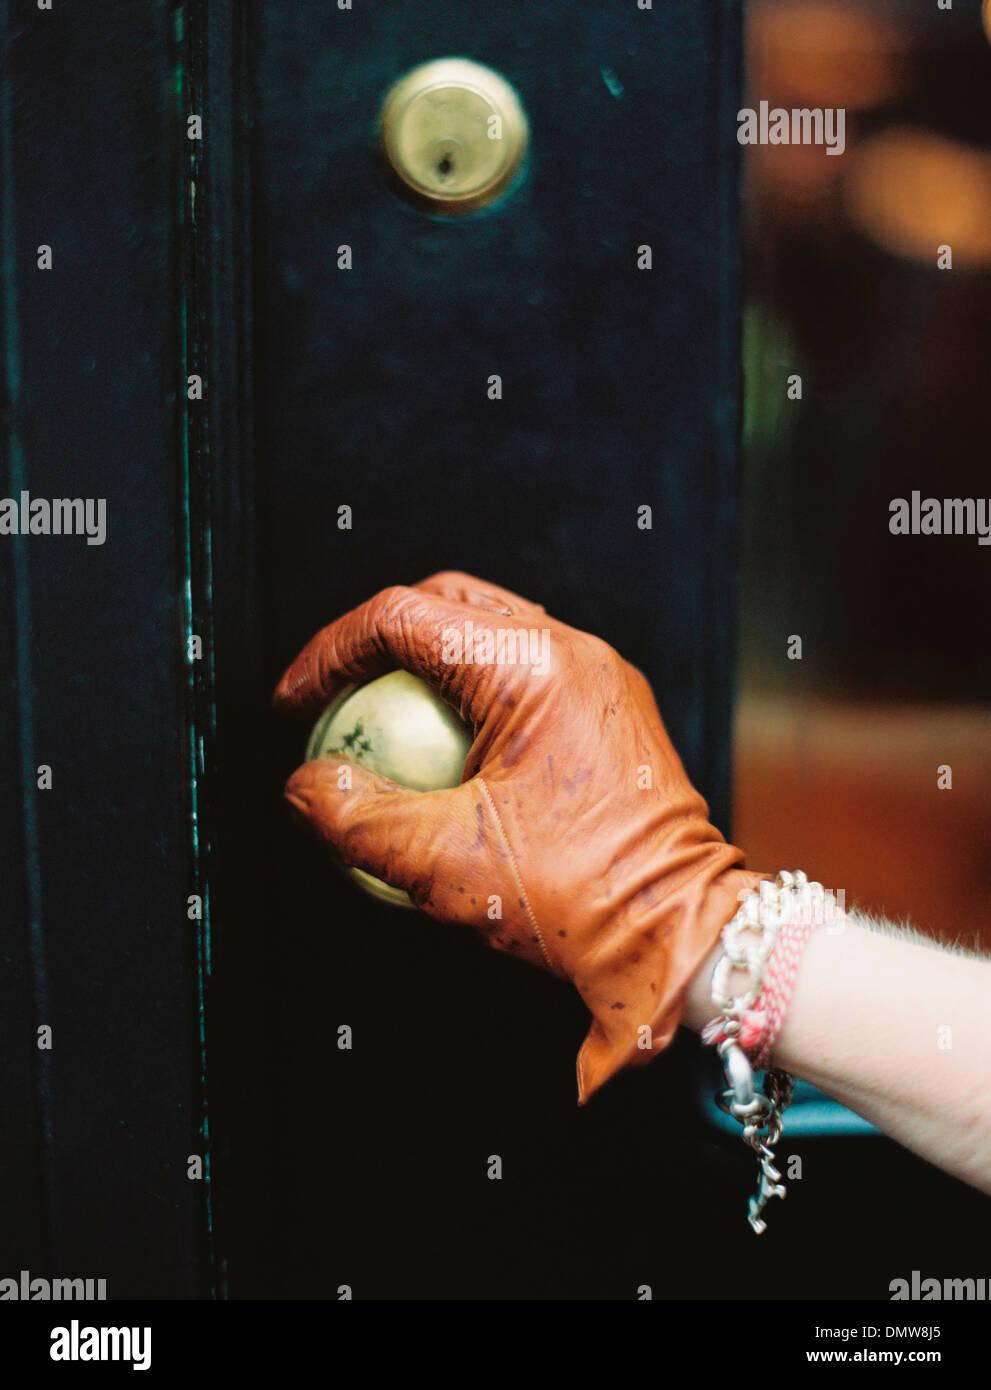 Eine Person trägt einen Lear-Handschuh, eine Tür zu öffnen. Stockbild